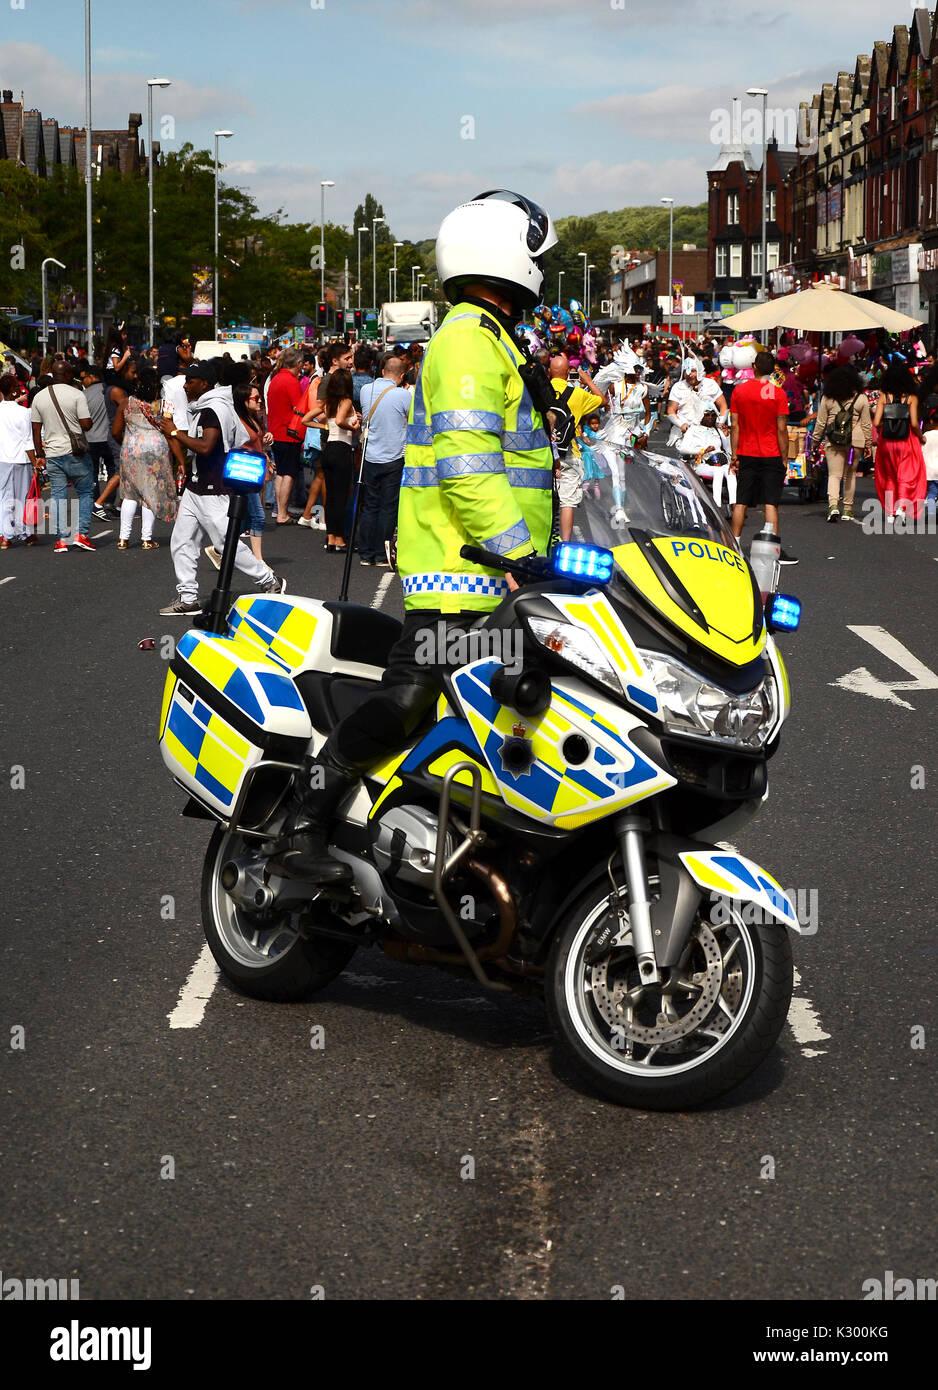 Polizia moto a incidente Immagini Stock